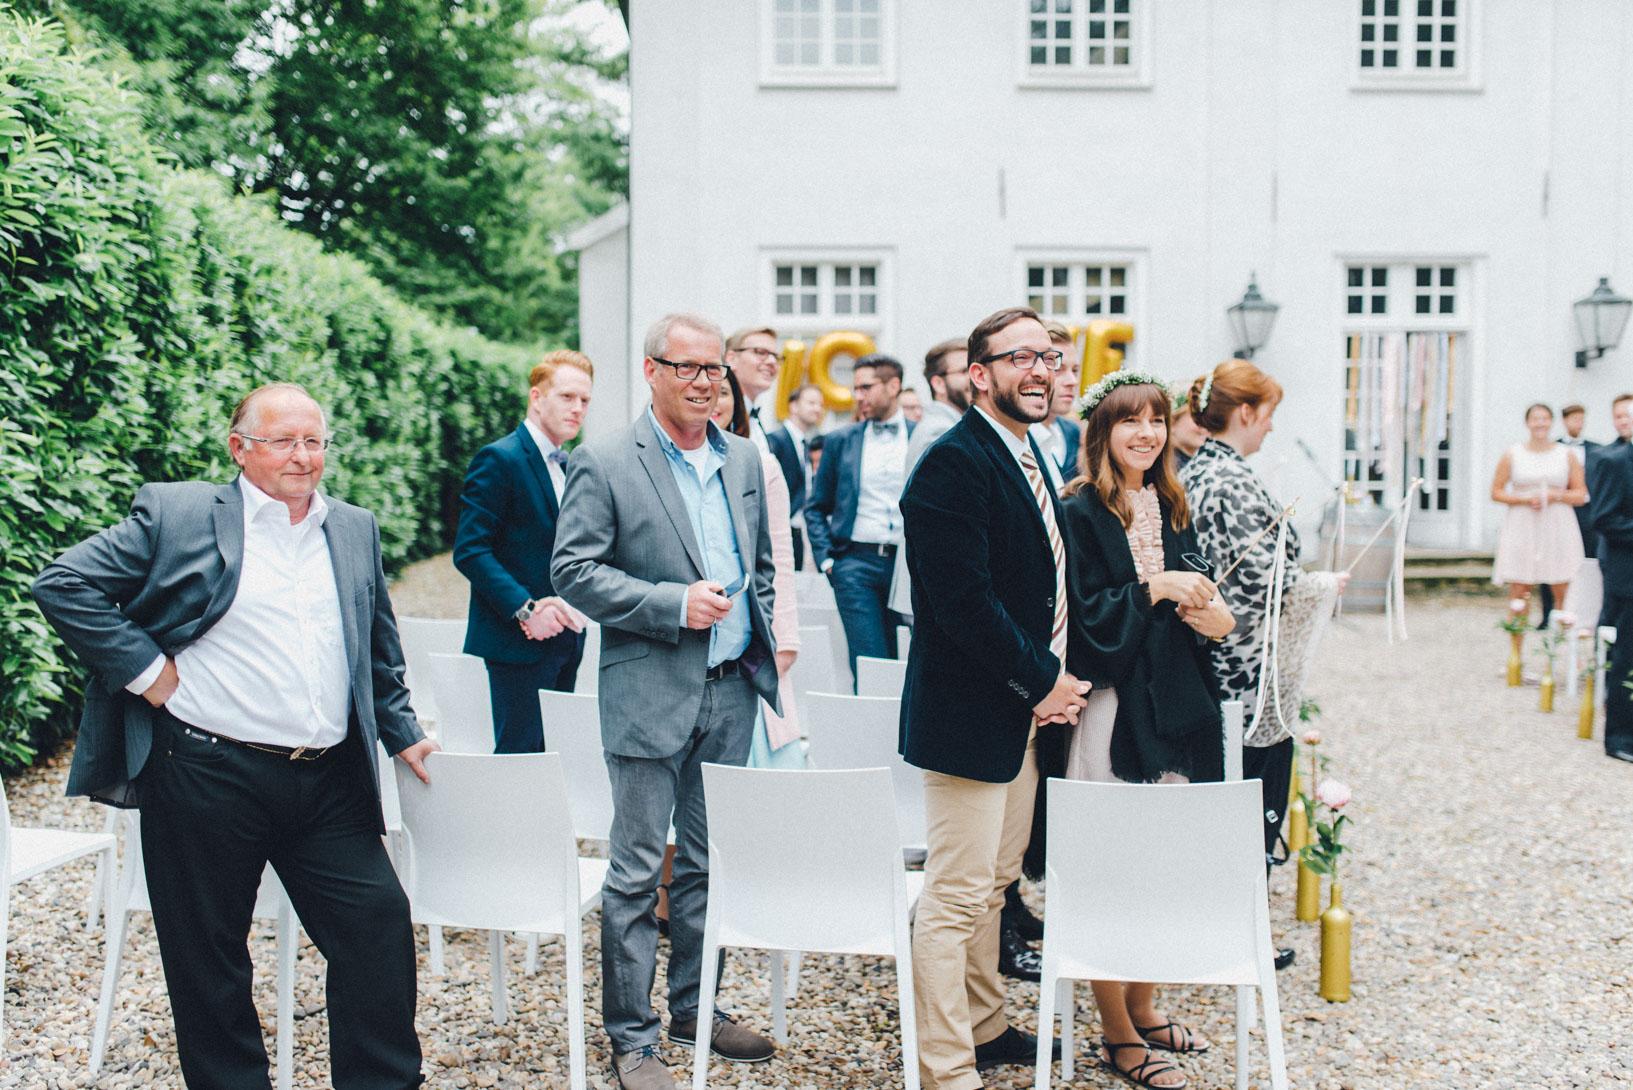 DIY-Hochzeit-gold-VW-Bully-56 Janet & Pierre DIY Midsummer-Wedding in Gold mit VW BulliDIY Hochzeit gold VW Bully 56